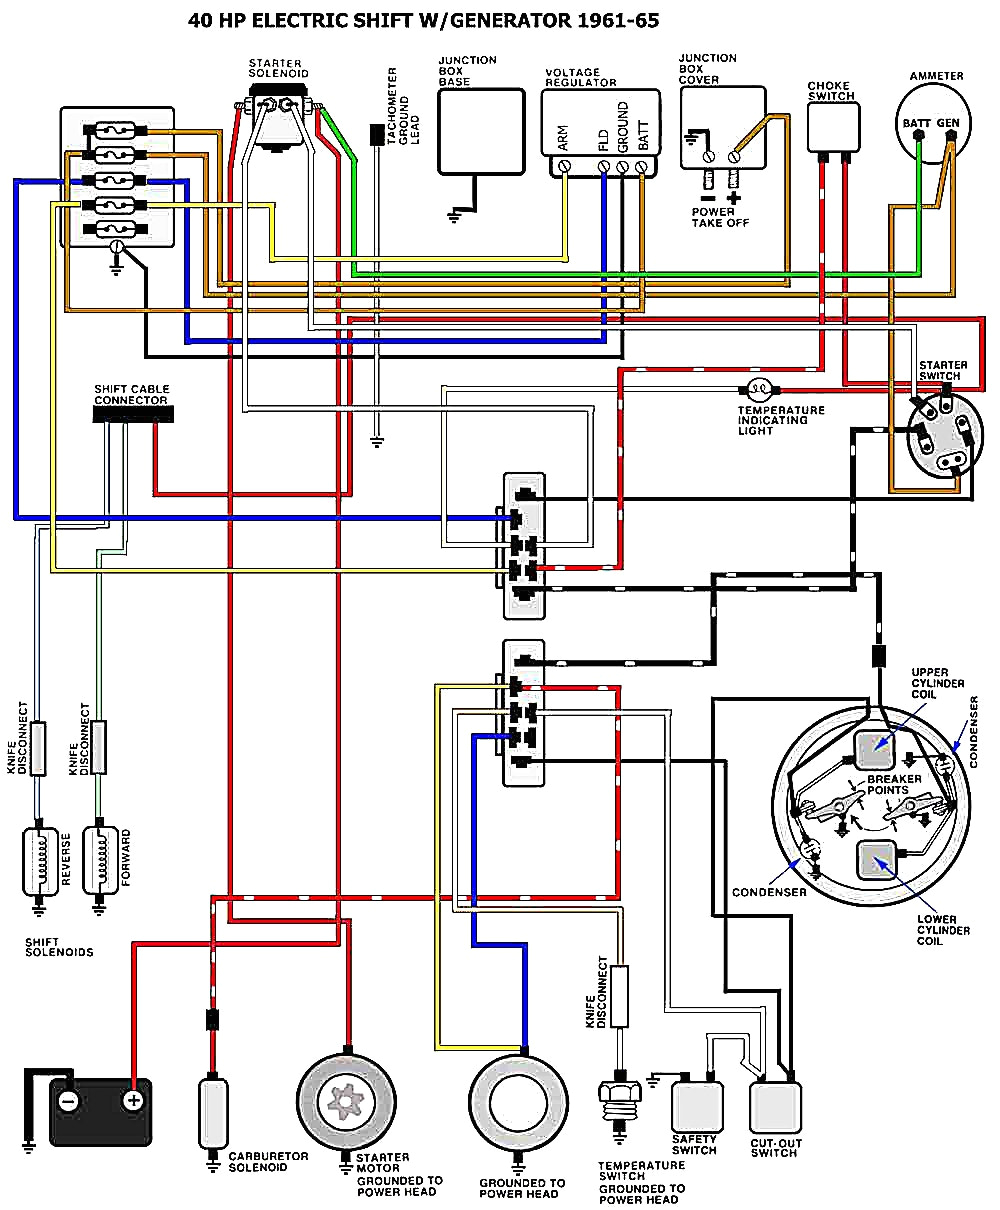 hp wiring diagram data schematic diagram hp wiring schematic wiring diagram operations mercury 25 hp wiring